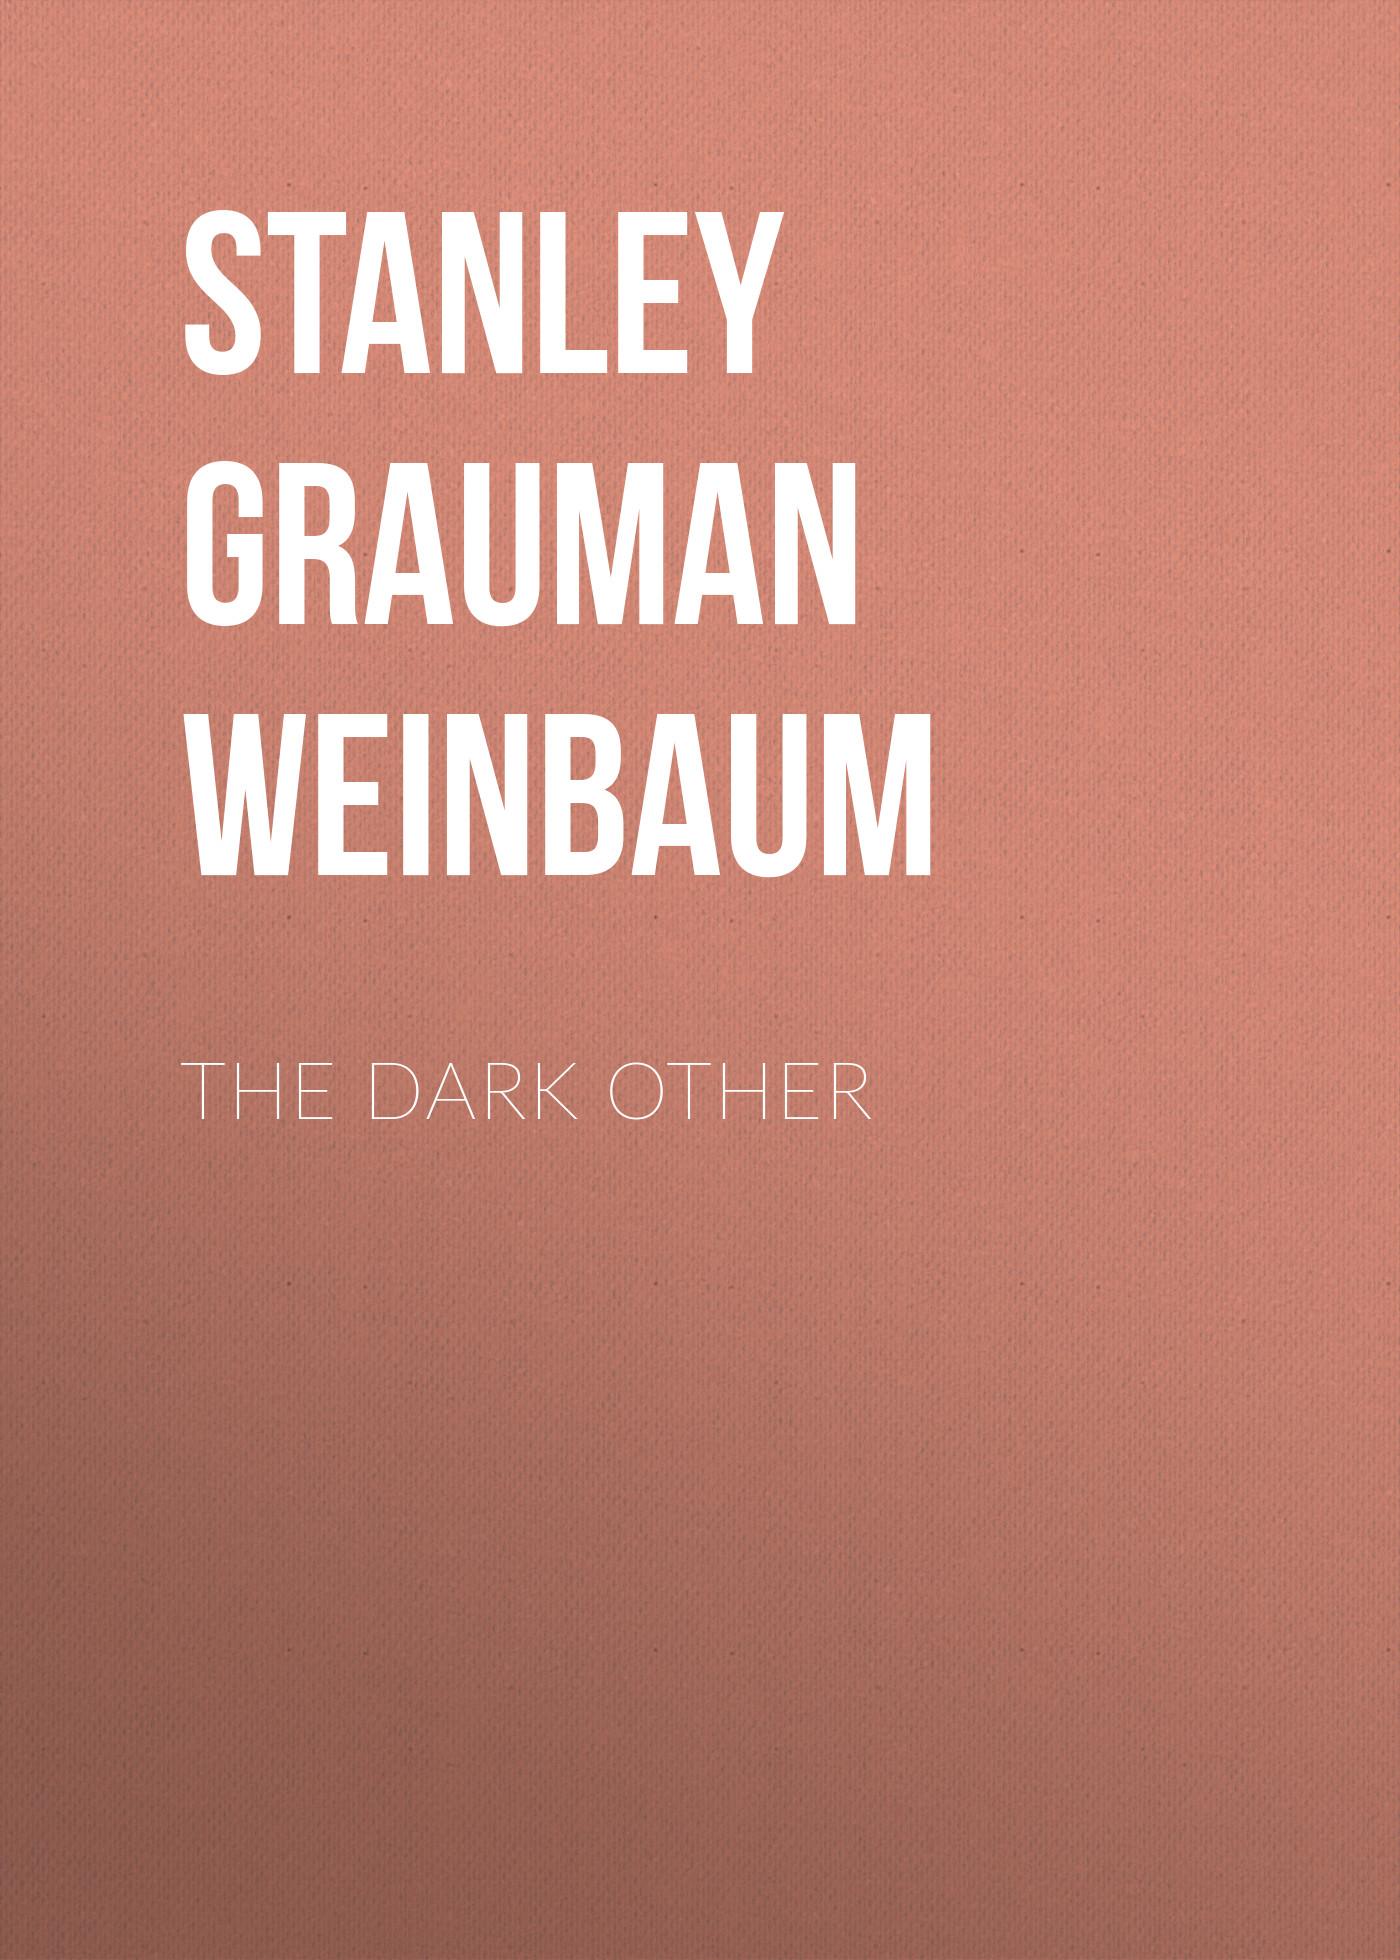 Stanley Grauman Weinbaum The Dark Other other 10x20mm strand 15